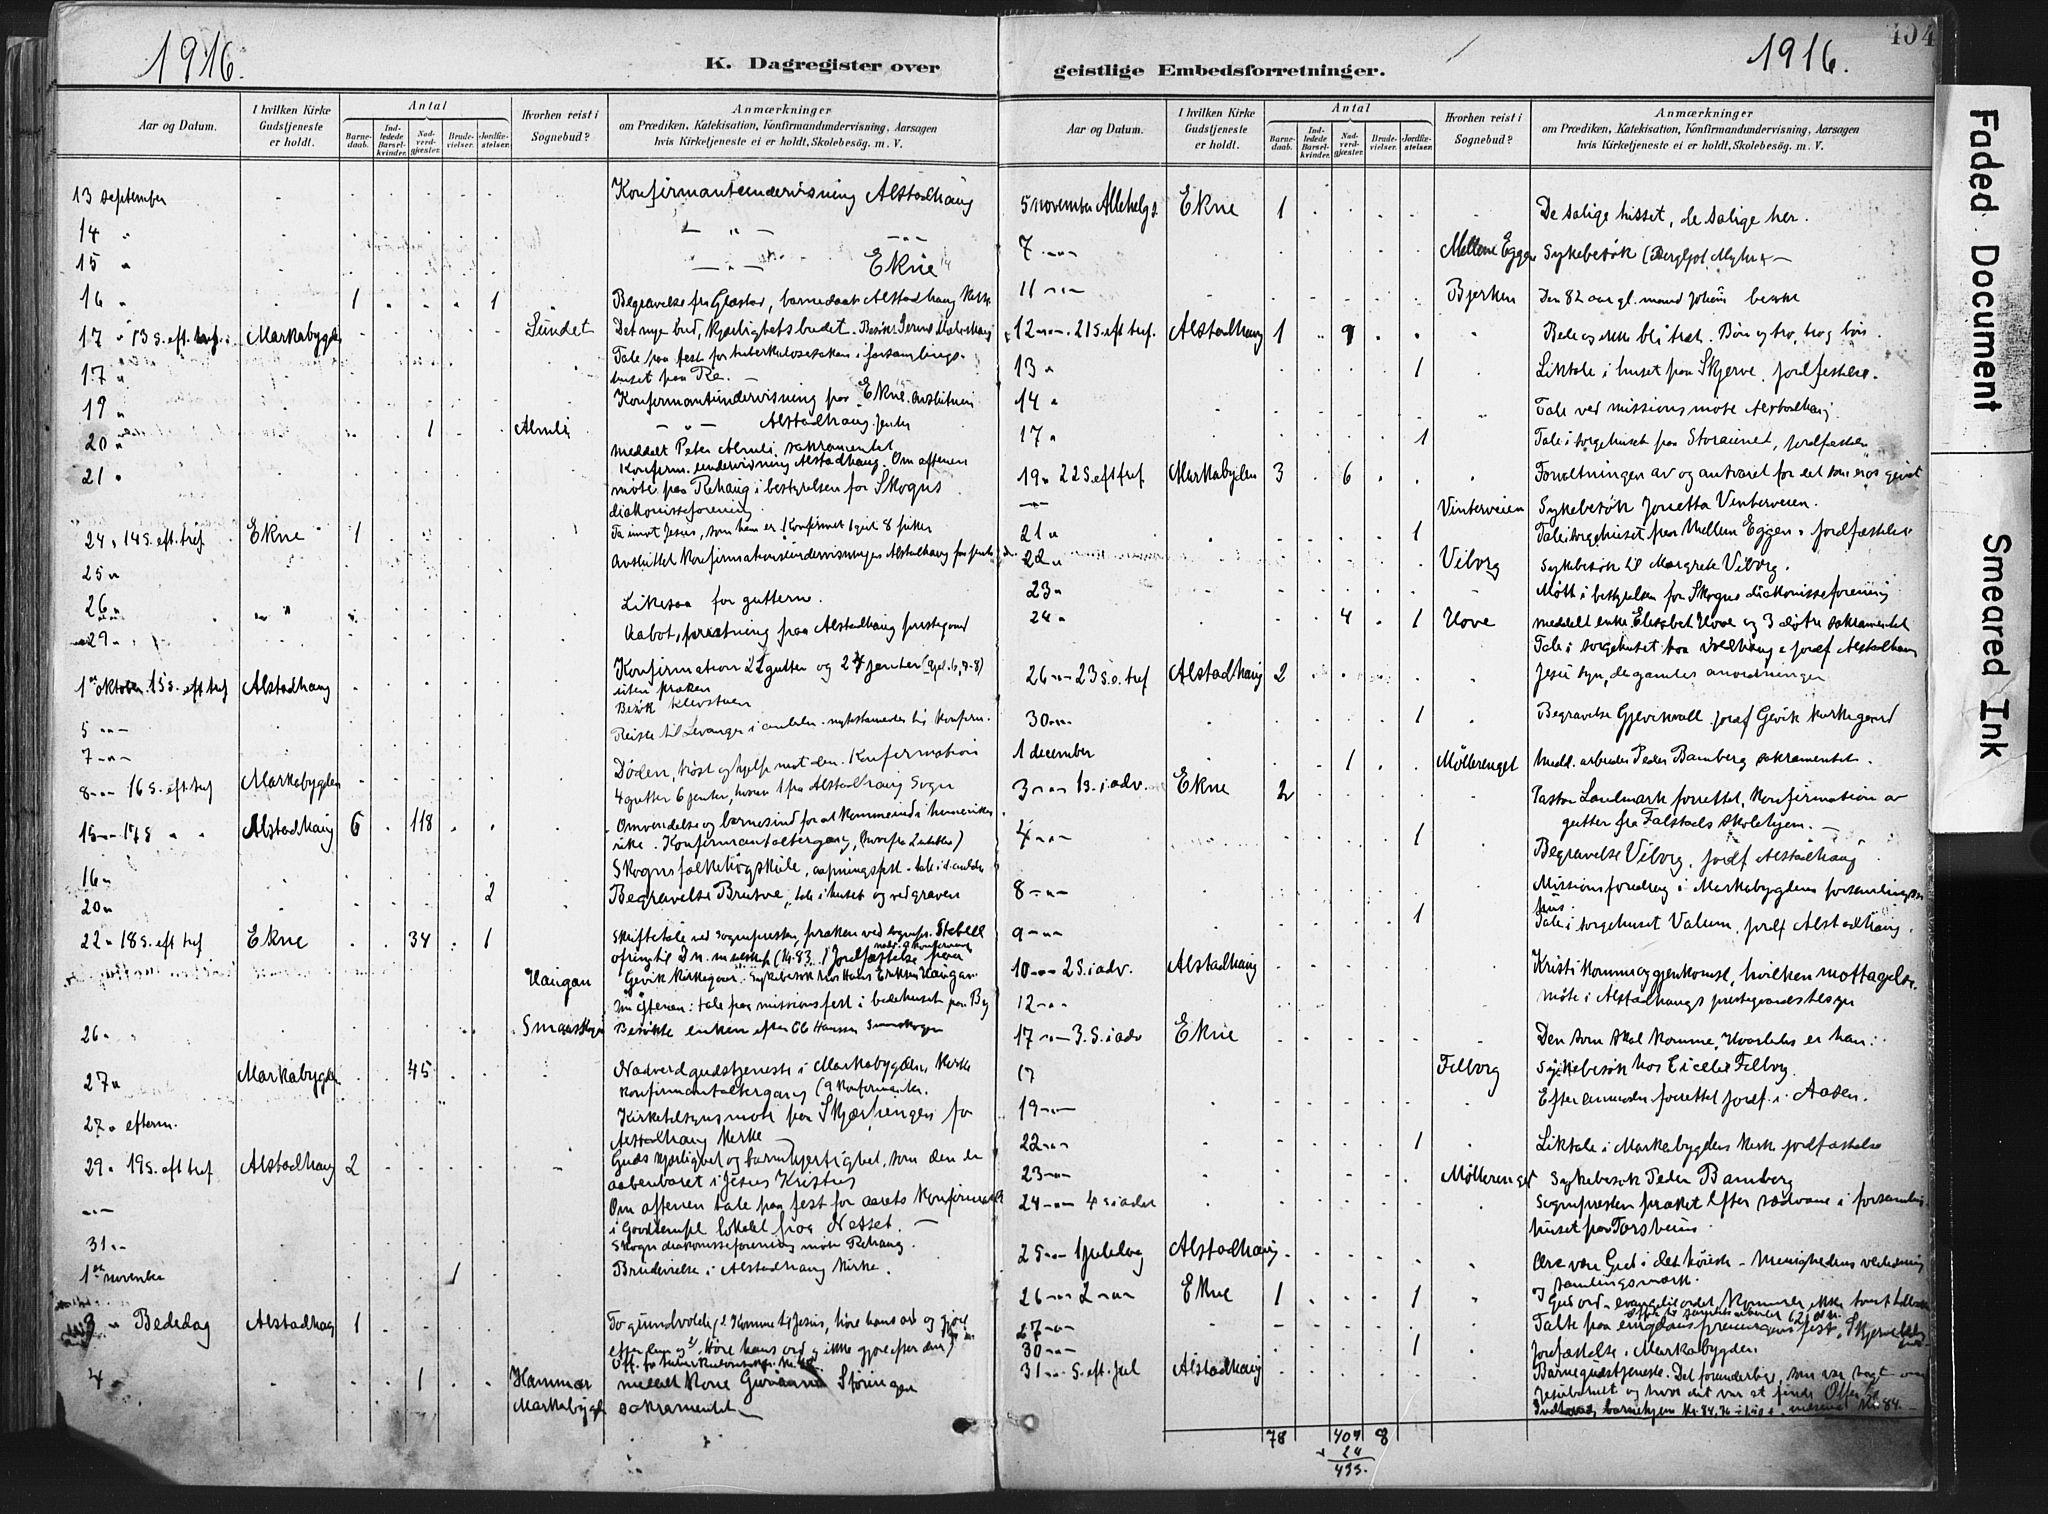 SAT, Ministerialprotokoller, klokkerbøker og fødselsregistre - Nord-Trøndelag, 717/L0162: Ministerialbok nr. 717A12, 1898-1923, s. 404